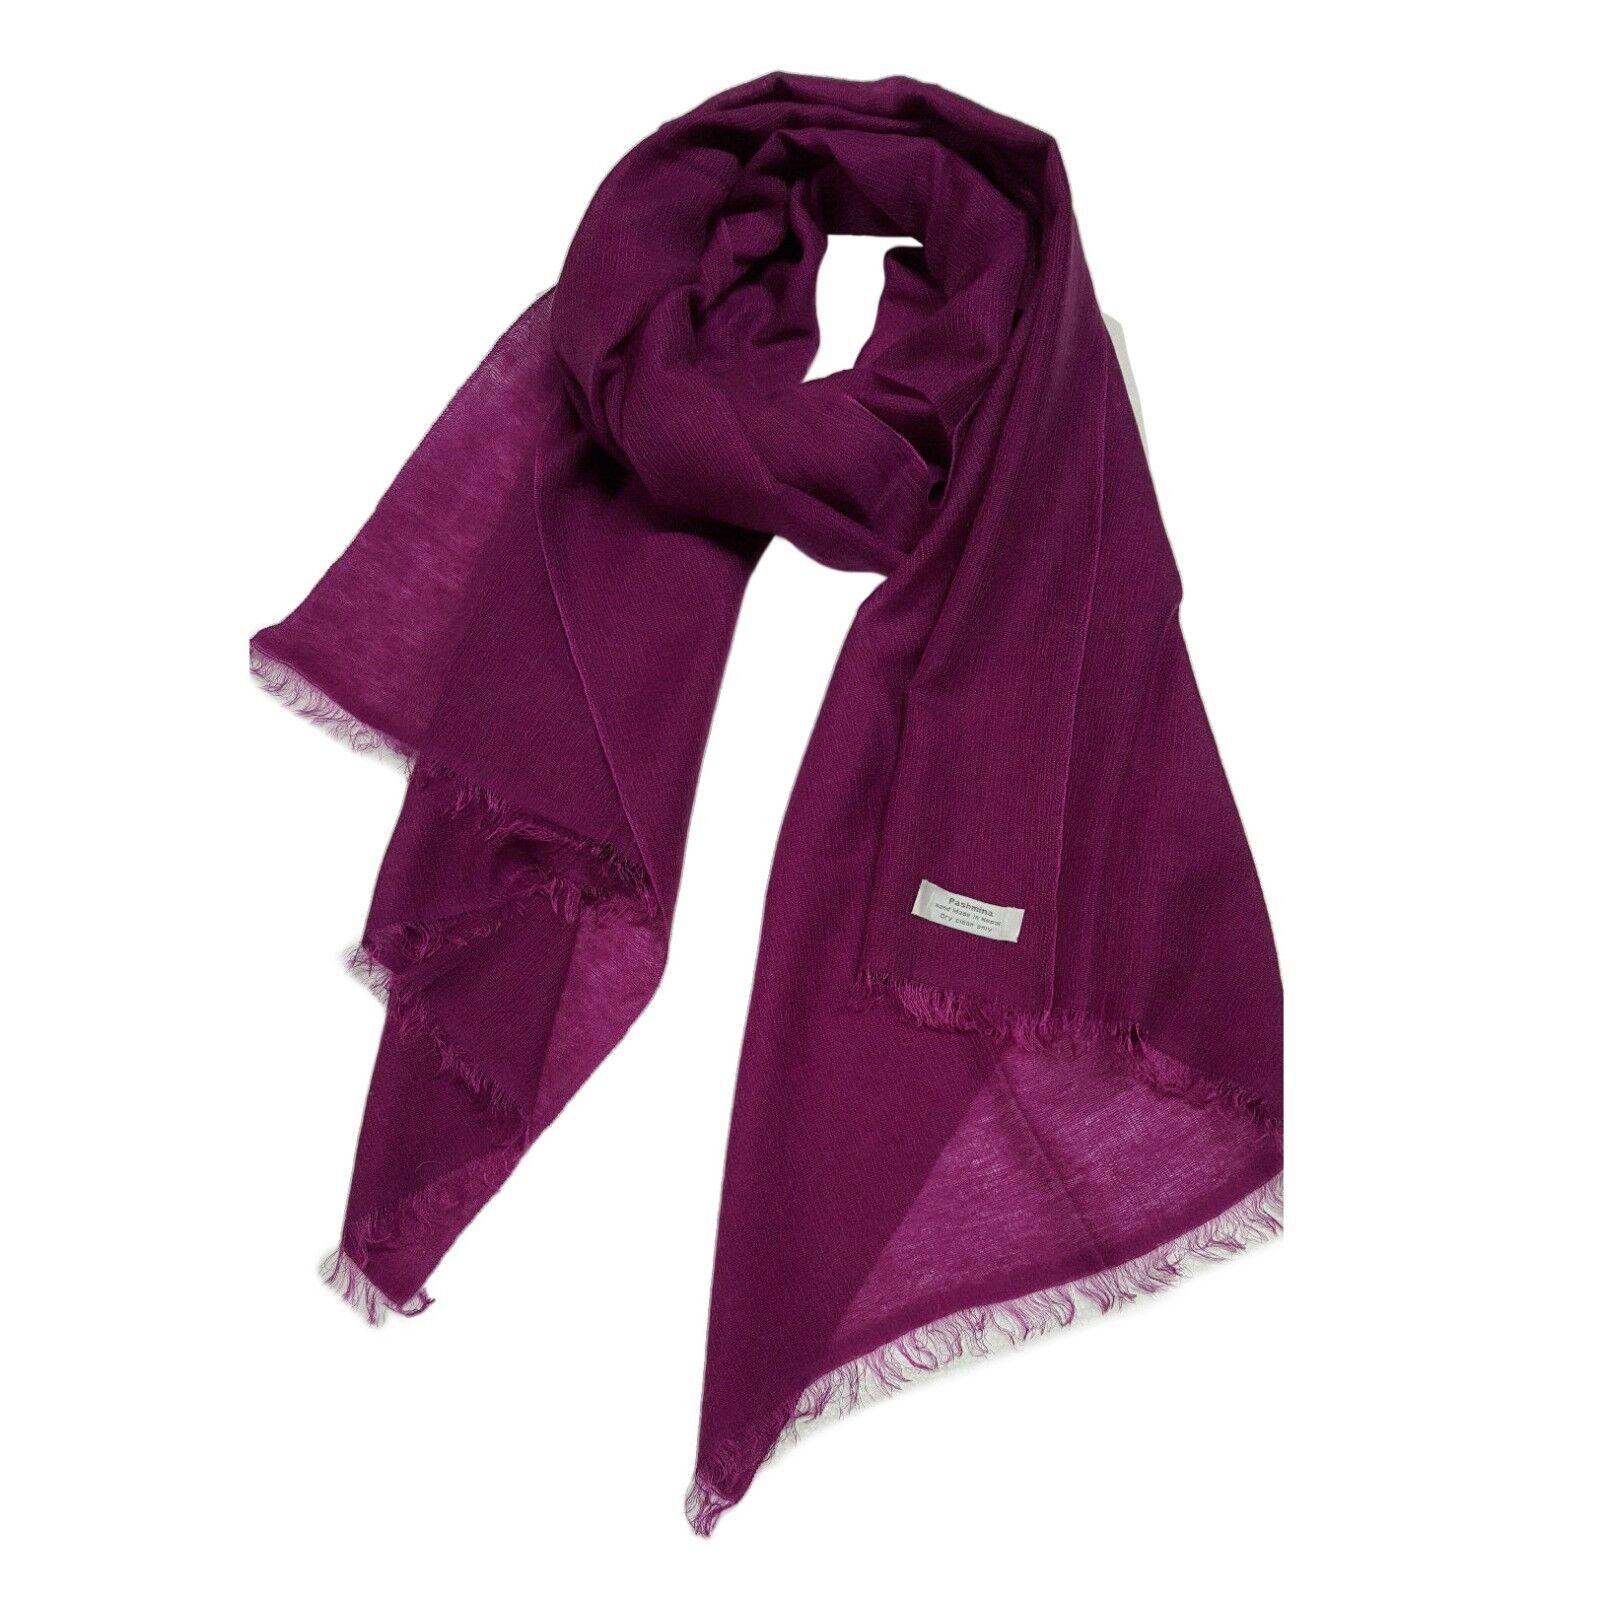 più foto bfa64 6b5b7 Details about PASHMINA sciarpa fucsia 80% cashmere 20% seta MADE IN NEPAL